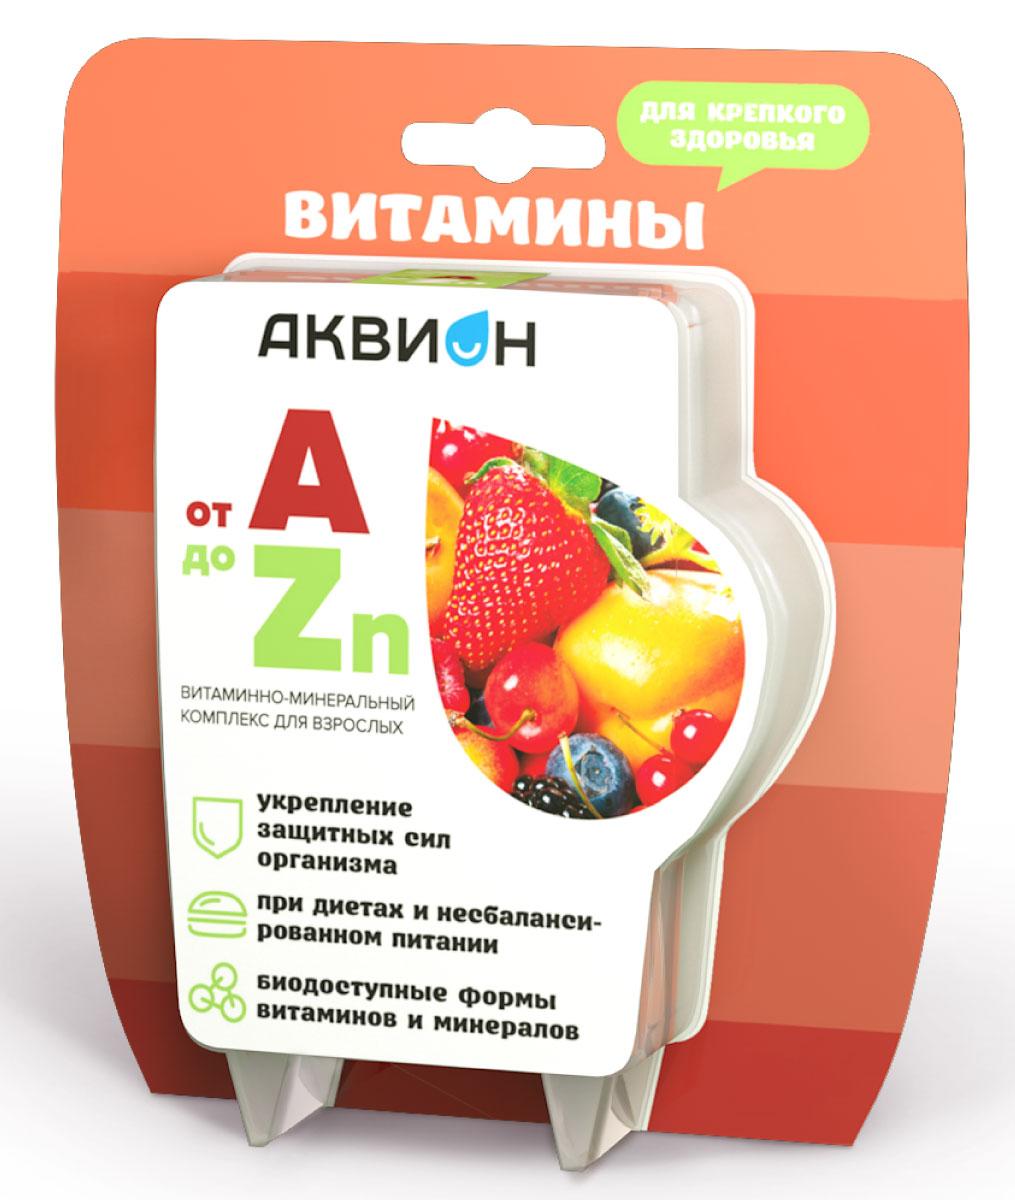 Витаминно-минеральный комплекс Аквион От А до Zn, №3018083Витаминно-минеральный комплекс Аквион А до Zn, – это простой и удобный способ обогатить свой ежедневный рацион витаминами и минералами.Витаминно-минеральный комплекс:- При диетах и несбалансированном питании.- Укрепление иммунитета. - Биодоступная форма витаминов и минералов.Активные компоненты: витамин А, витамин Е, витамин D3, витамин К1, витамин С, витамин В1, витамин В2, витамин РР (витамин В3), пантотеновая кислота (витамин В5), витамин В6, фолиевая кислота (витамин В9), витамин В12, биотин (витамин Н), цинк, железо, кальций, магний, медь, марганец, хром, селен, йод, молибден.Товар не является лекарственным средством.Товар не рекомендован для лиц младше 18 лет.Могут быть противопоказания и следует предварительно проконсультироваться со специалистом.